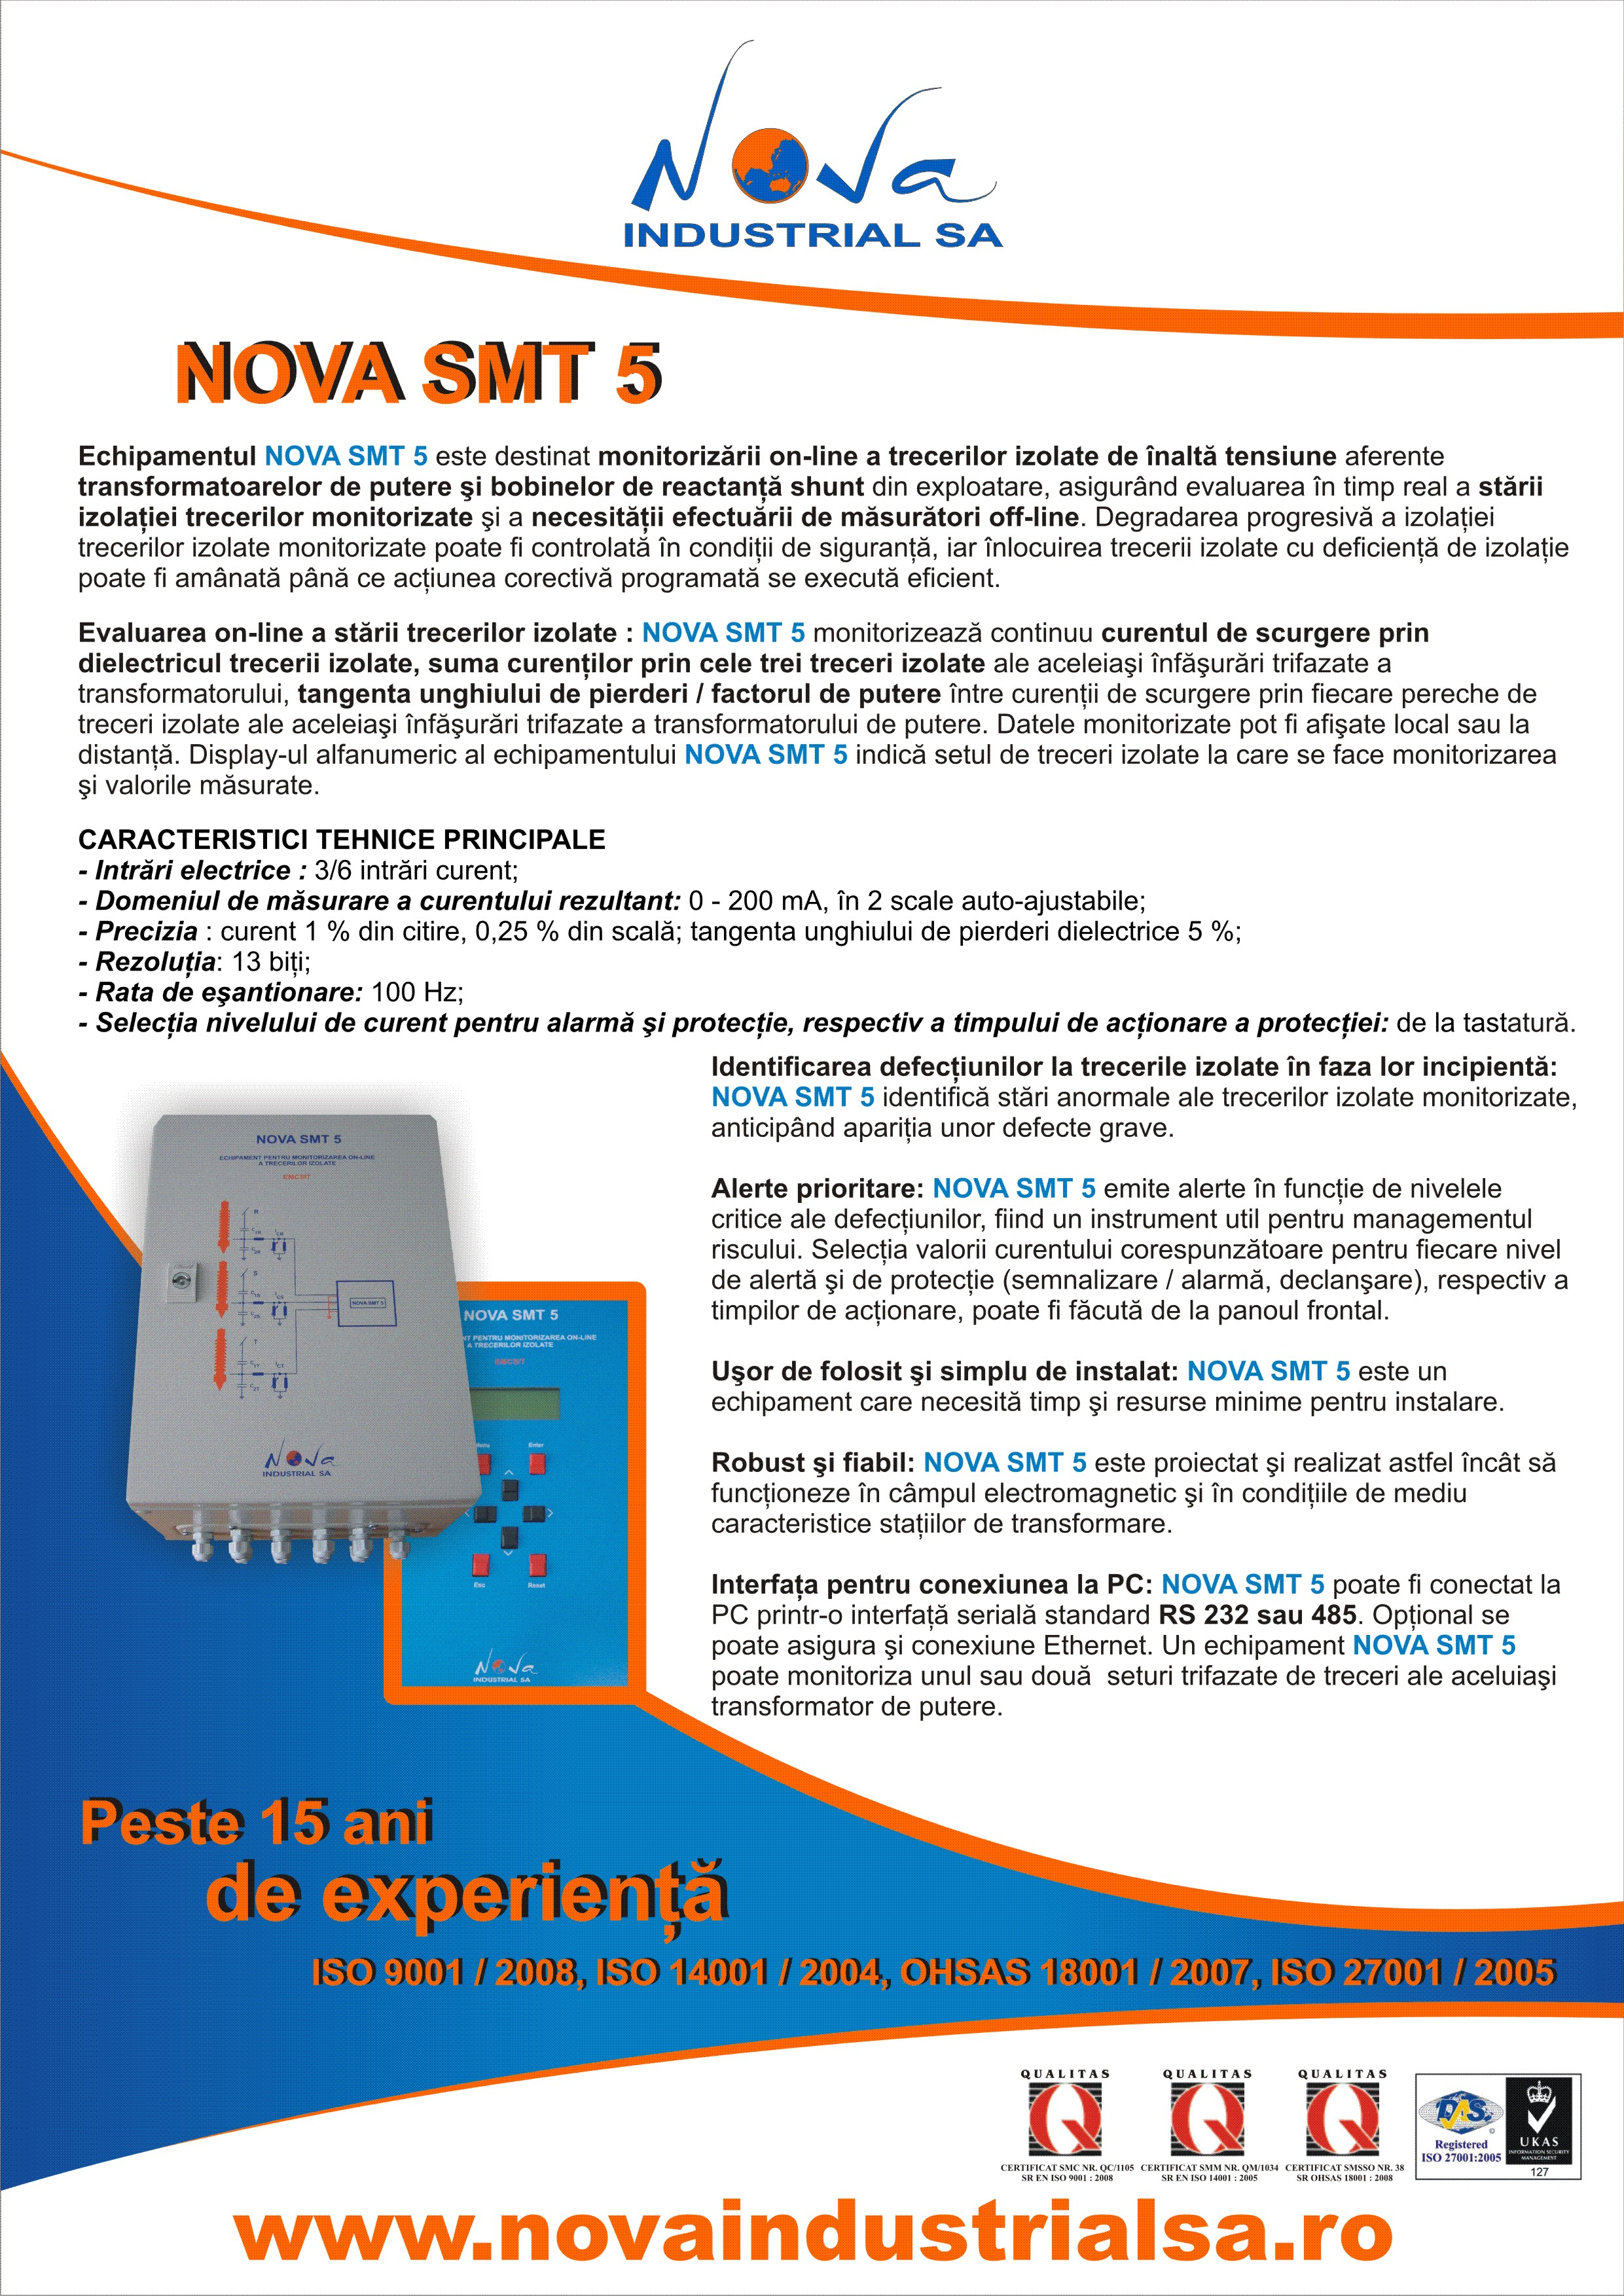 NOVA SMT 5